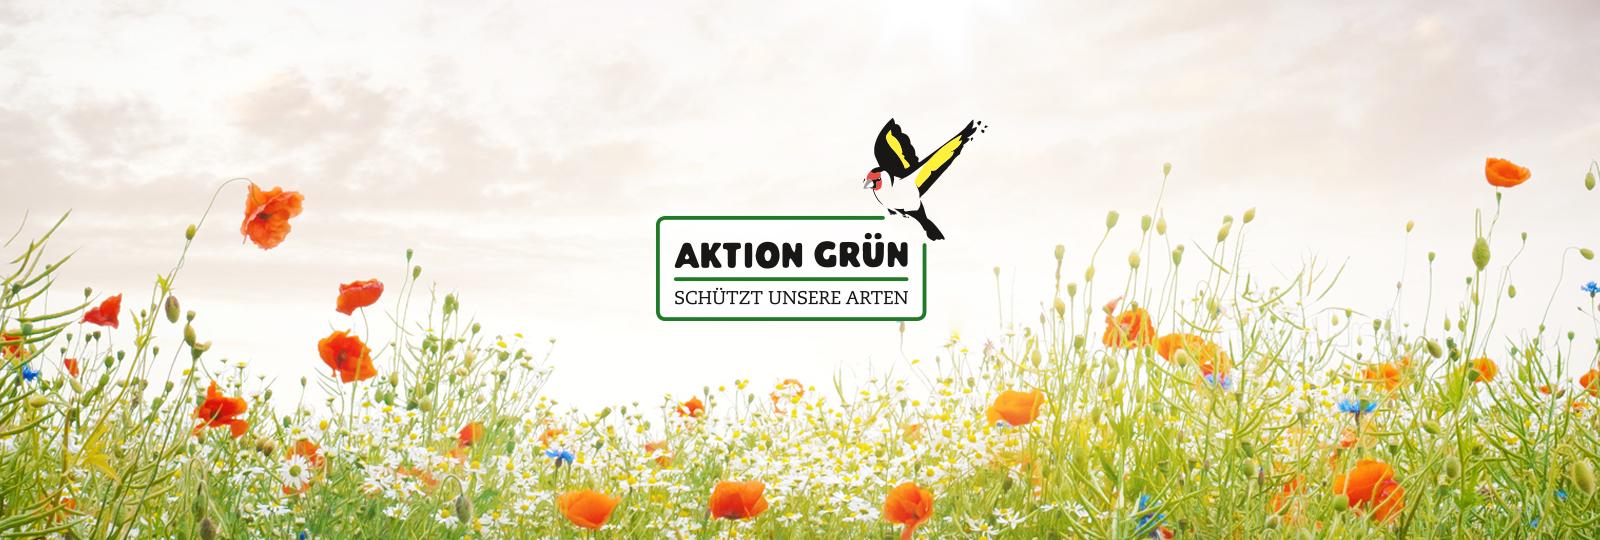 Aktion Grün Logo auf Mohnblumenwiese